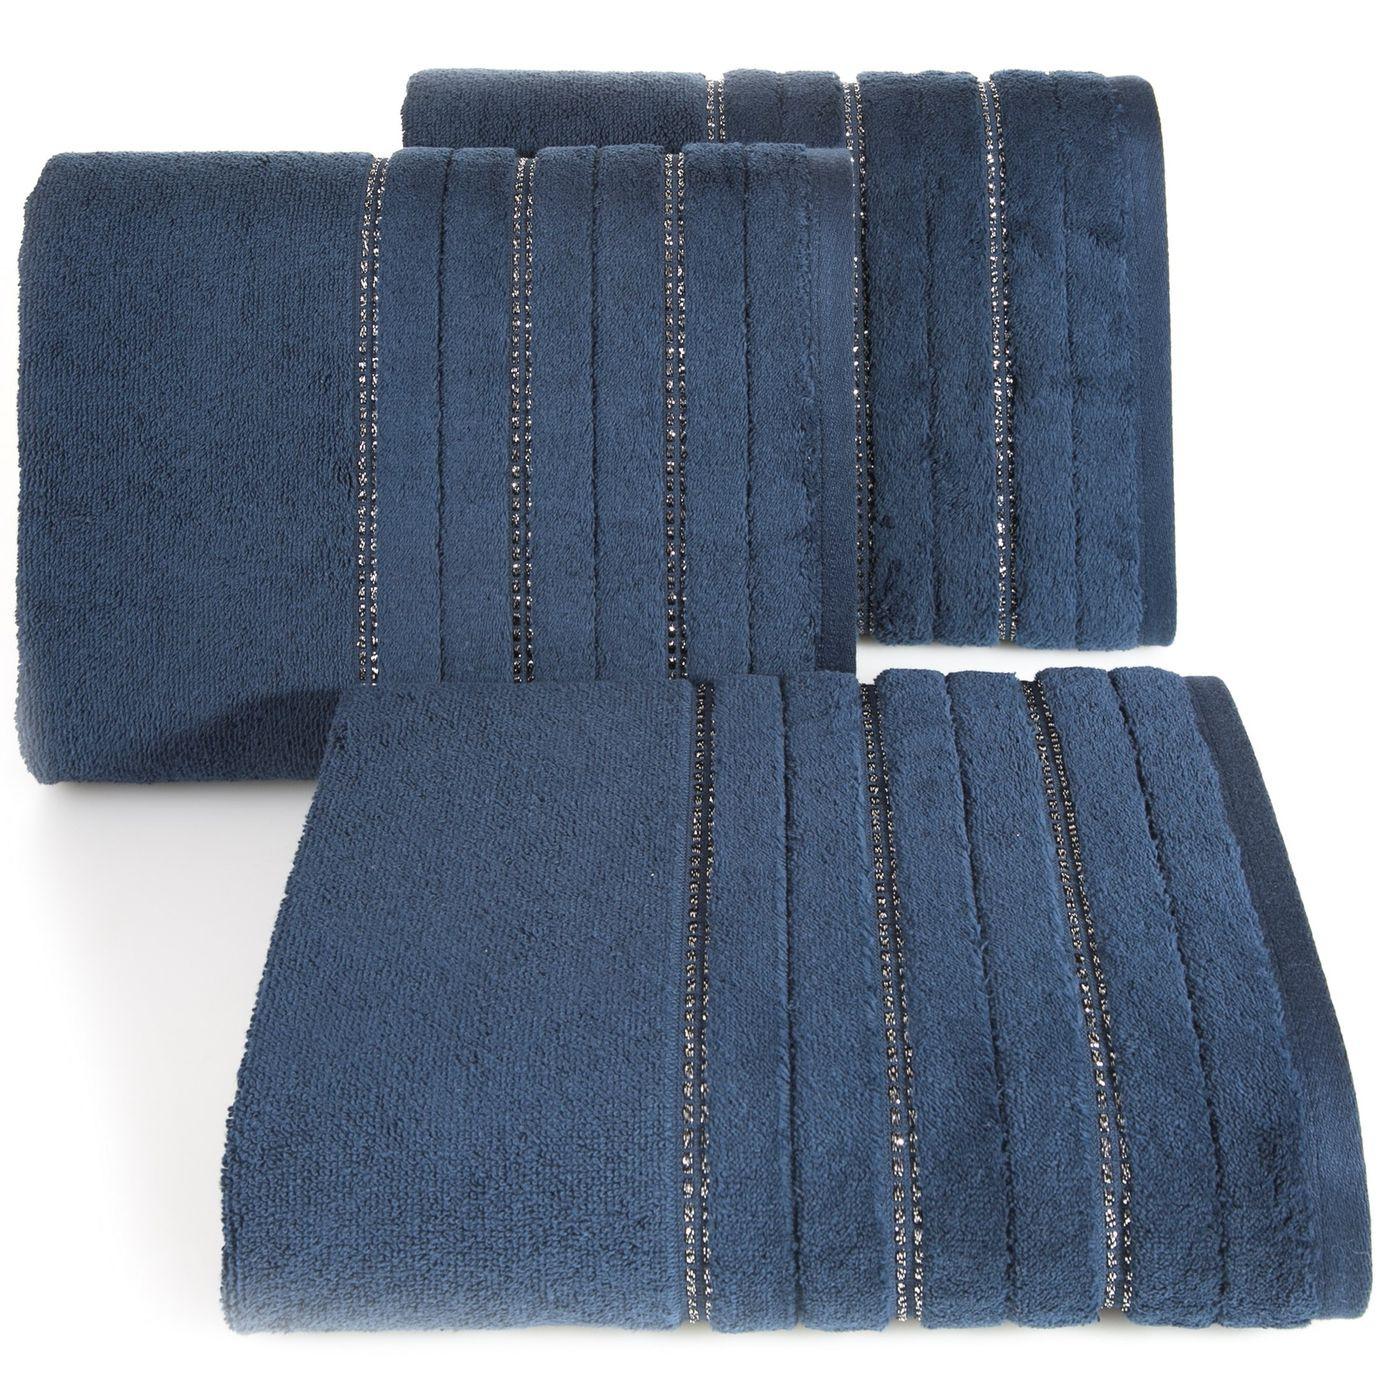 Granatowy ręcznik kąpielowy z metaliczną nicią - 50x90 cm